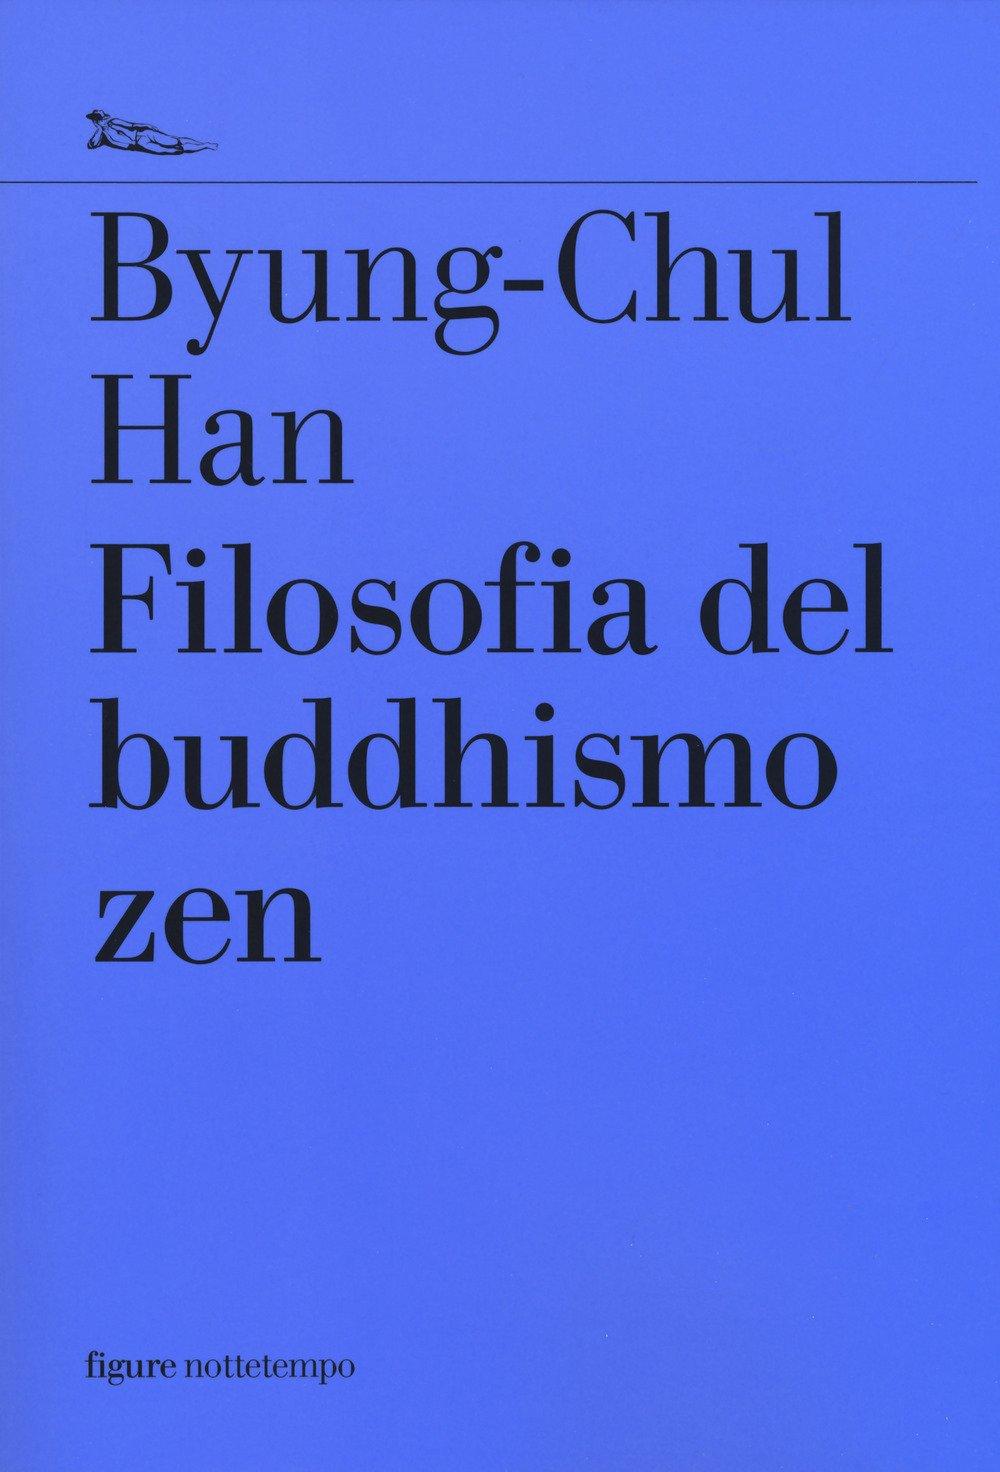 Filosofia del buddhismo zen Copertina flessibile – 29 mar 2018 Byung-Chul Han V. Tamaro Nottetempo 8874527039